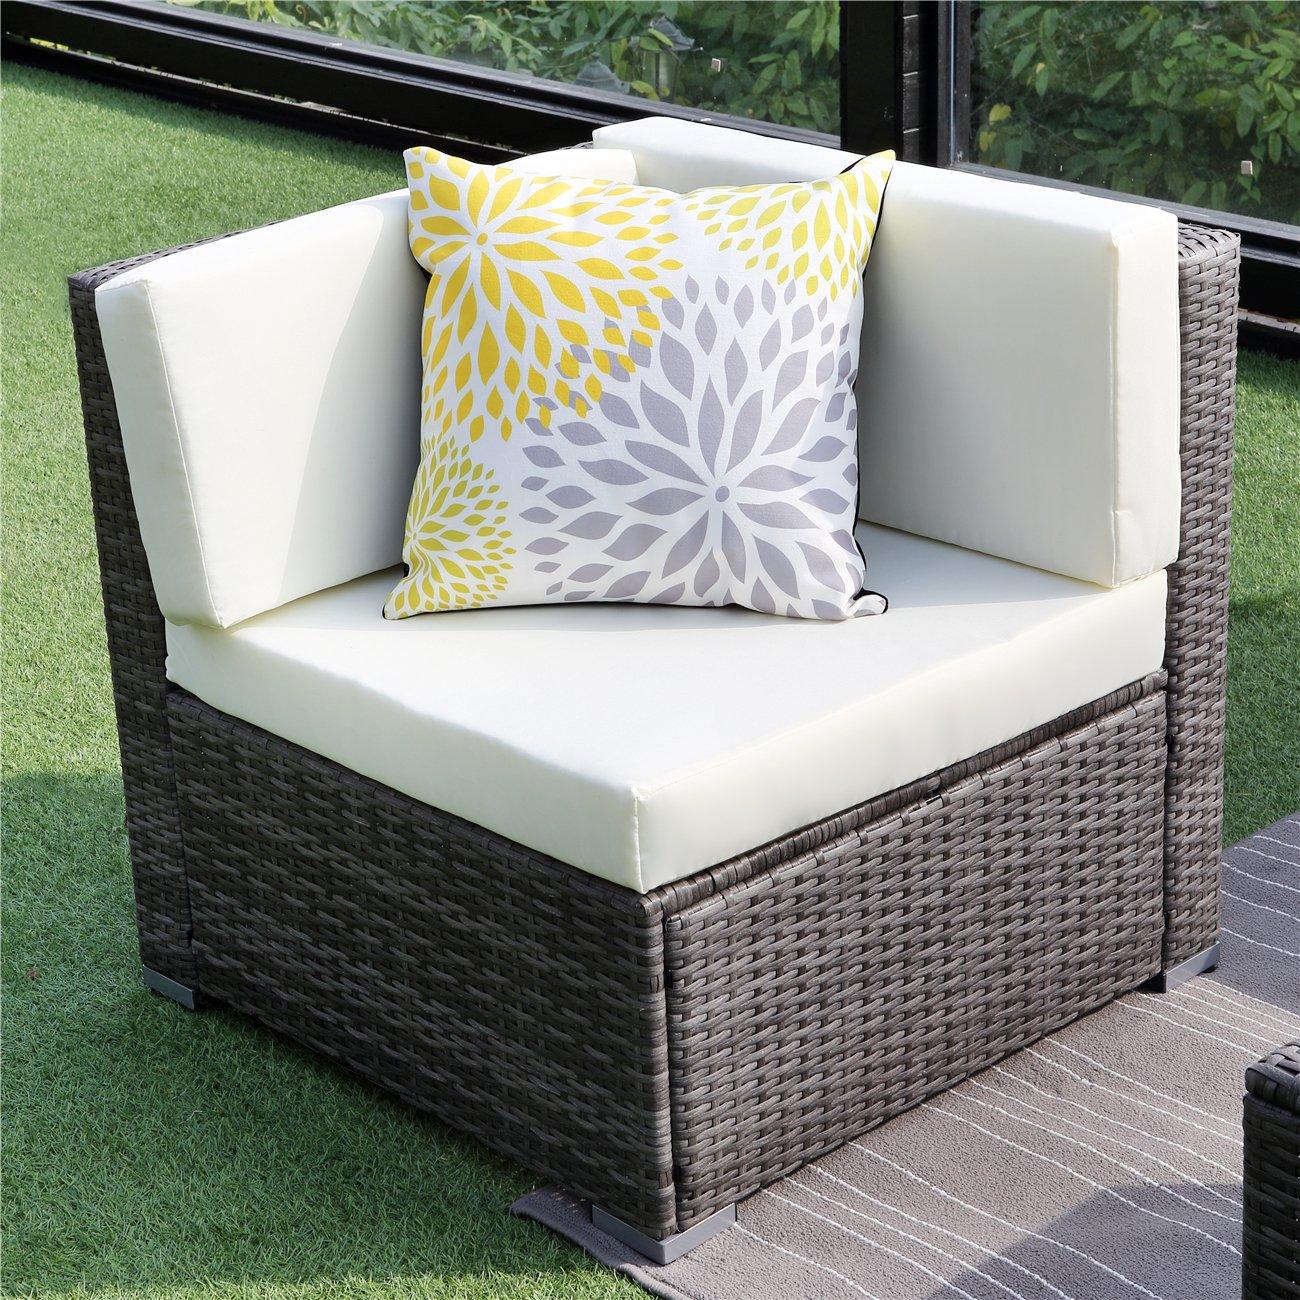 Amazon.com: Wisteria Lane - Juego de muebles de jardín (5 ...